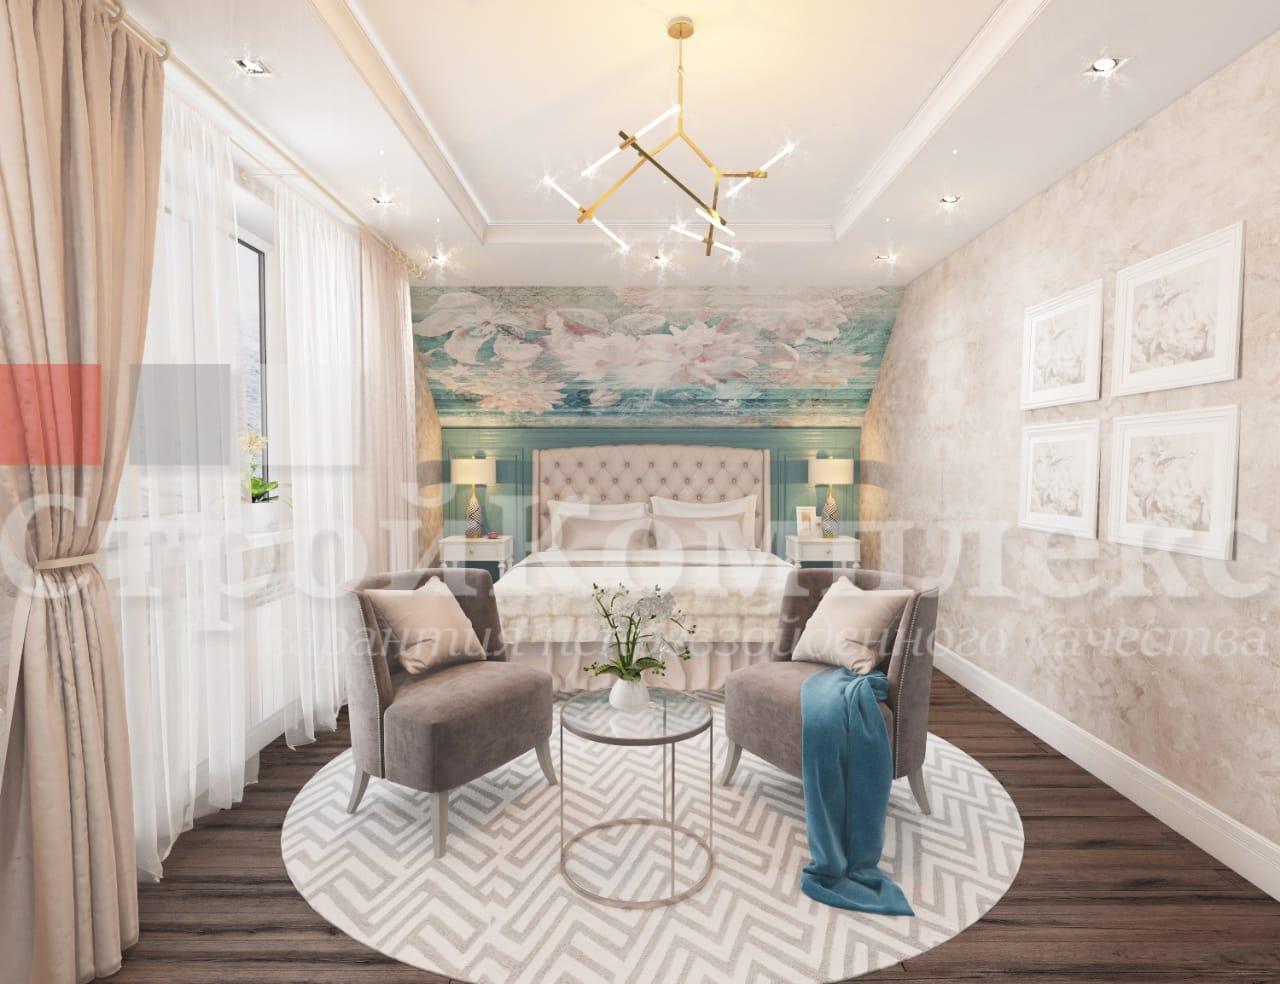 дизайн интерьера дома спб